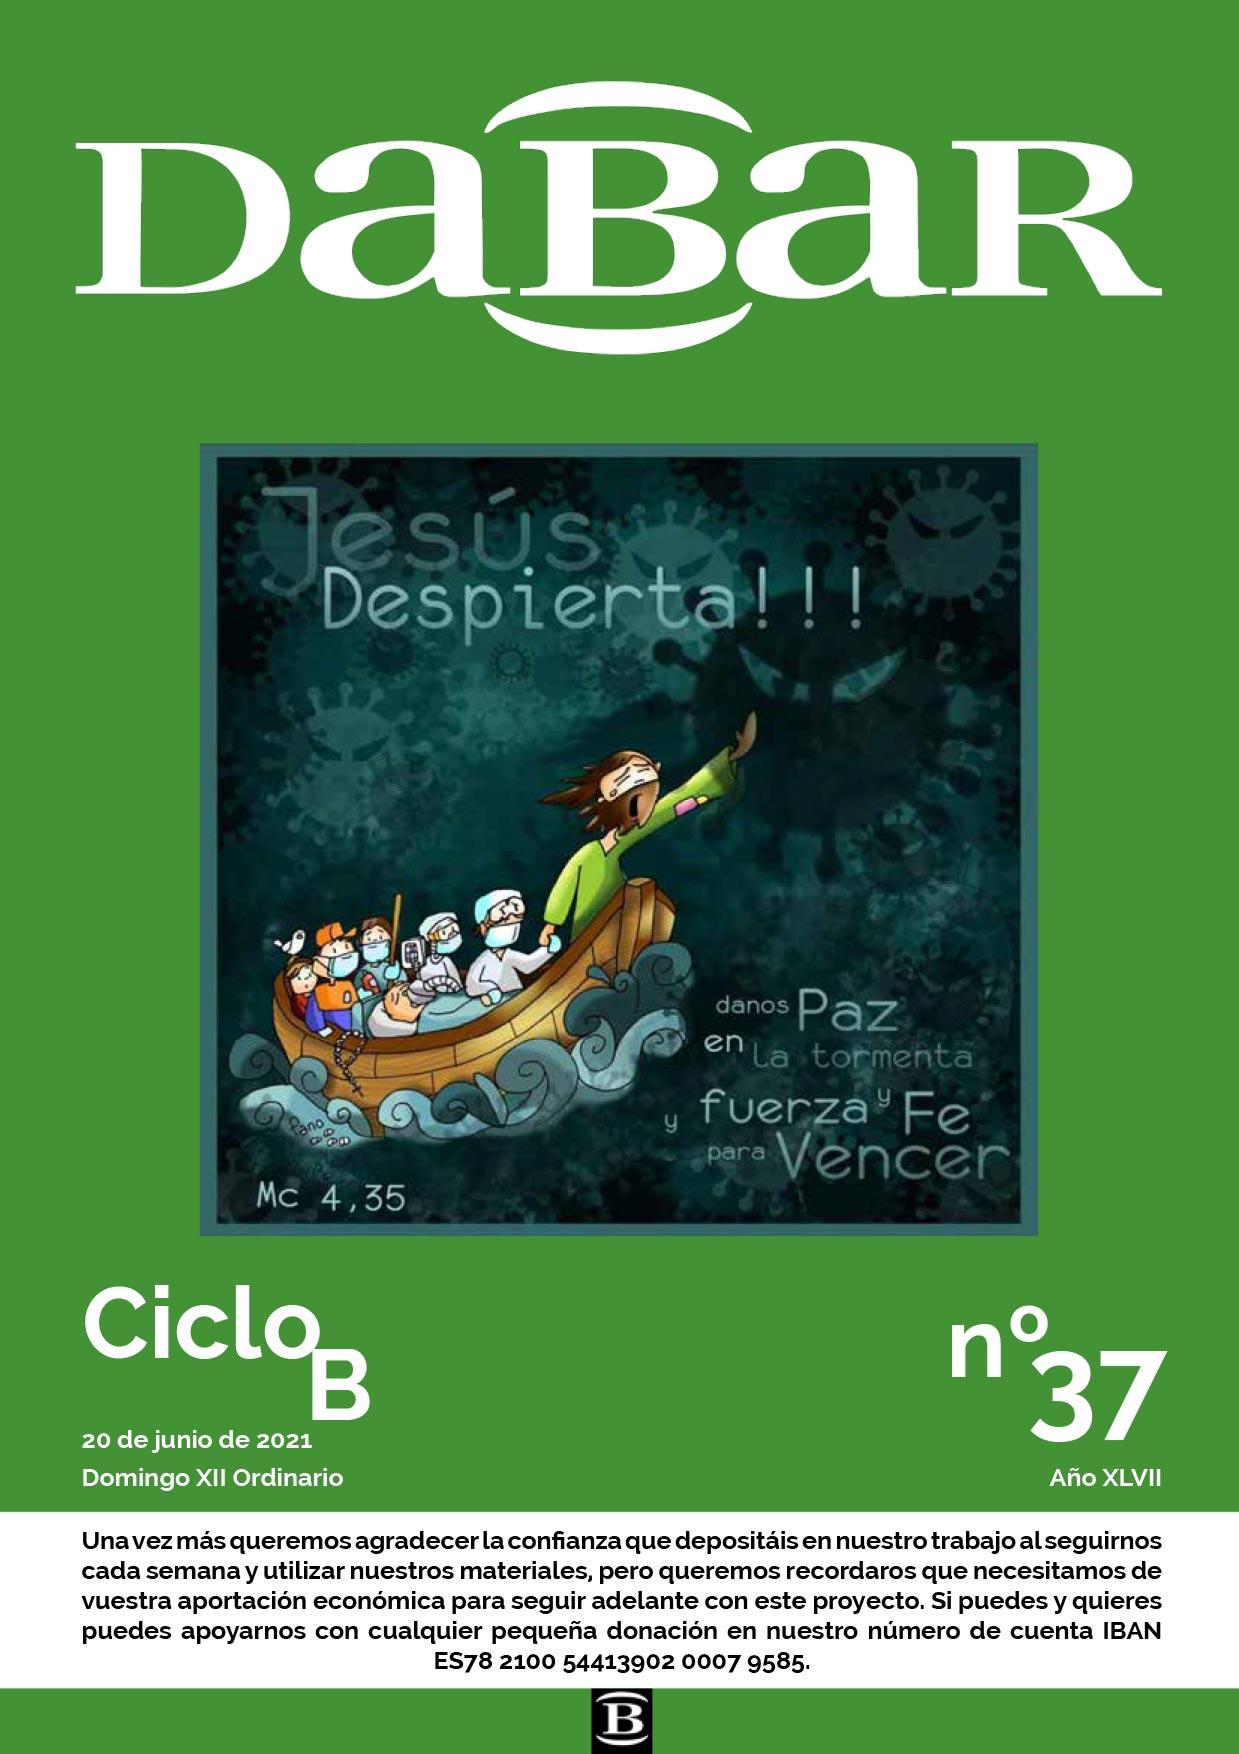 Dabar Revista numero 37 ciclo B